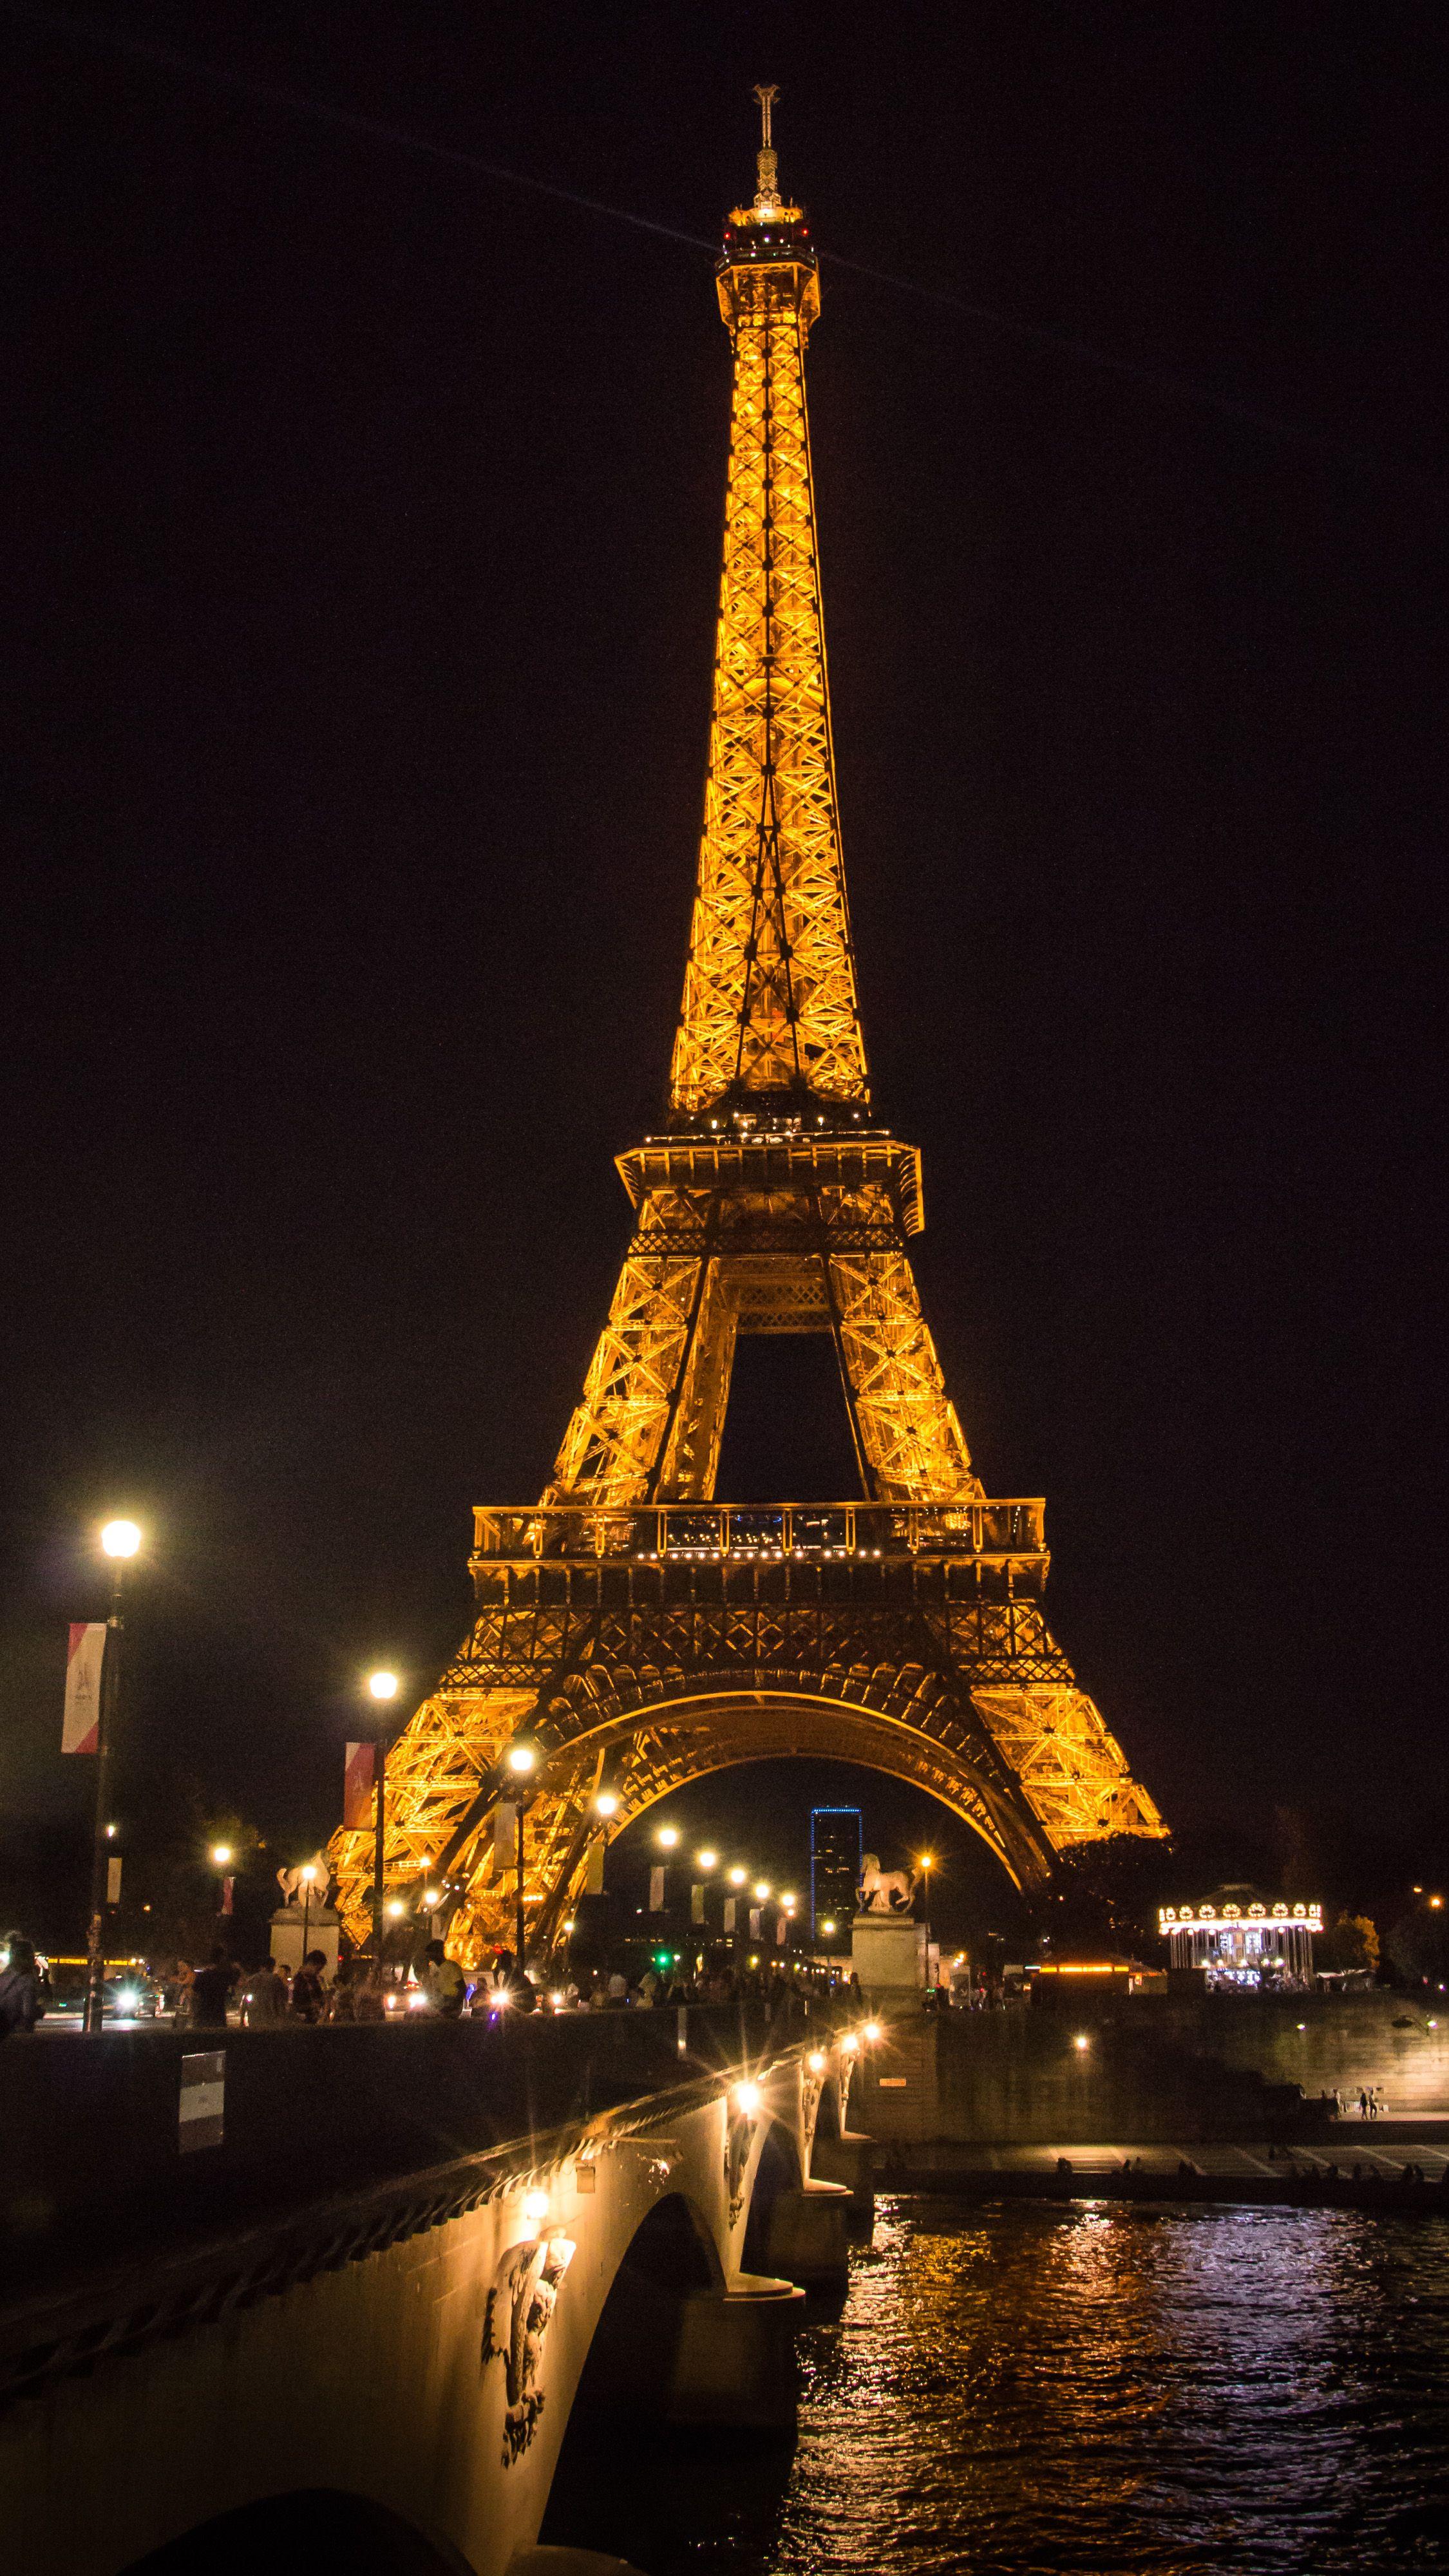 Tour Eiffel De Nuit Paris 2017 Smartphone Wallpaper Ecran D